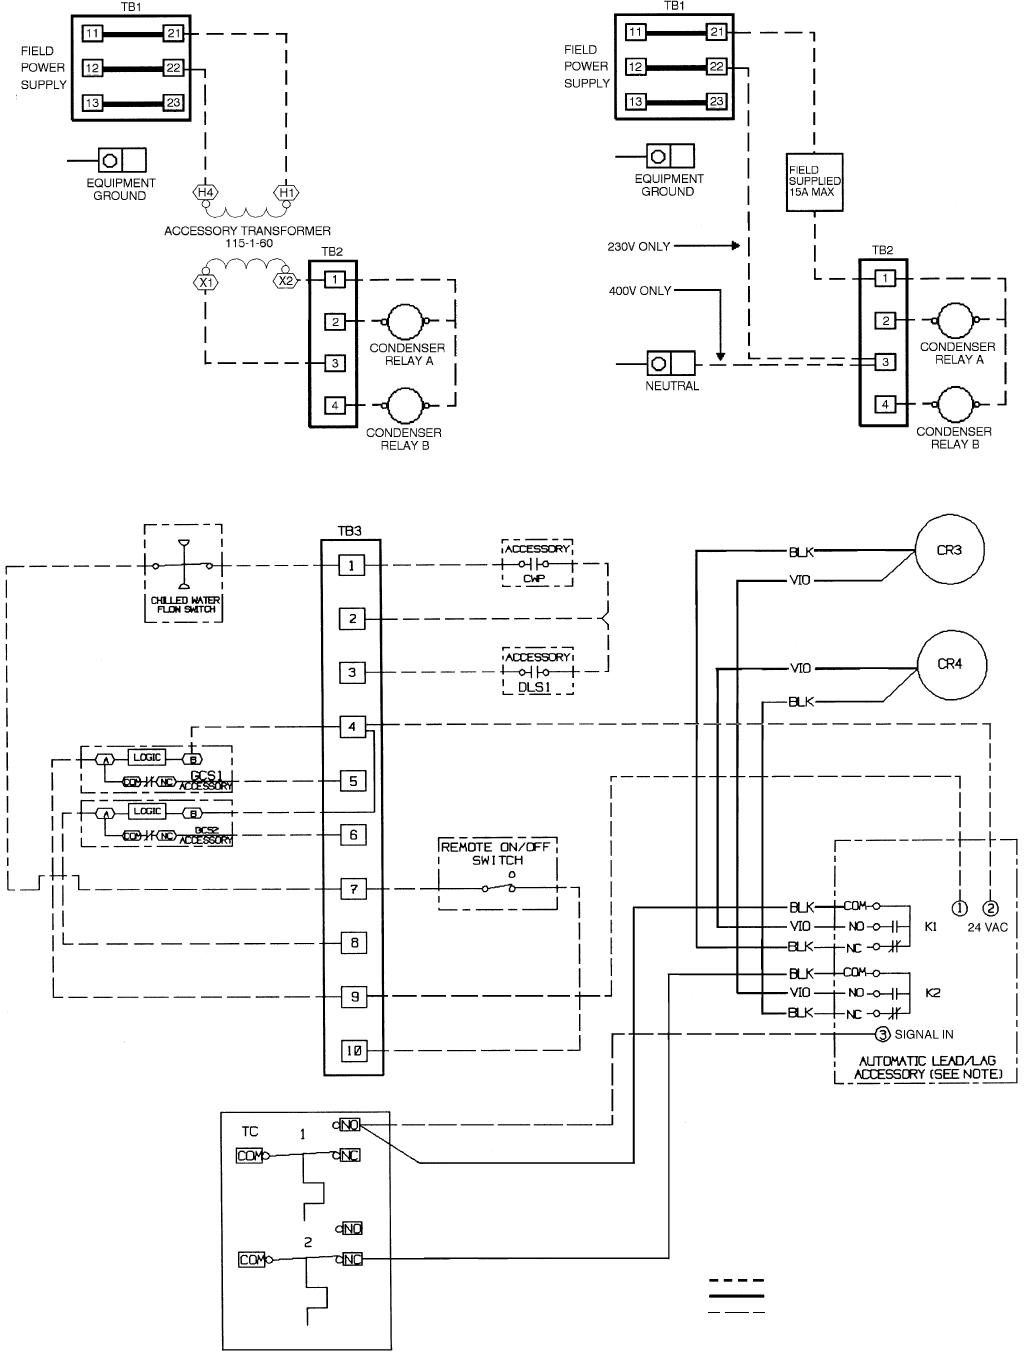 hight resolution of carrier 060 30hk040 060 30hl050 30hw018 040 fig 17 field wiring diagram 30hk hl units